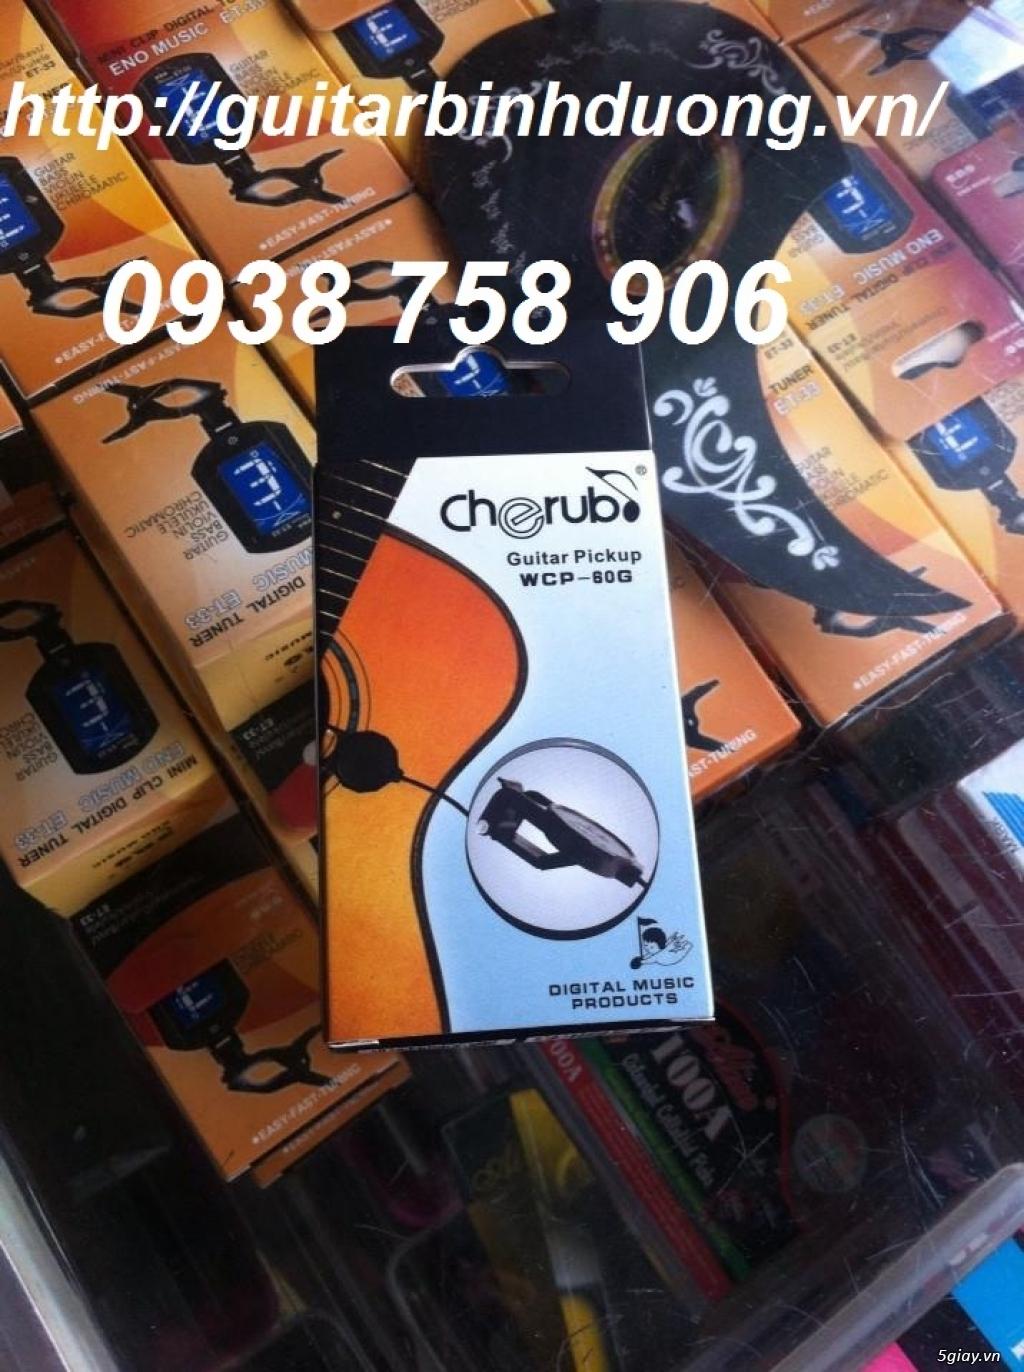 Phụ kiện guitar giá rẻ, guitar hưng phát bình dương bán phụ kiện guitar, phụ kiện nhạc cụ giá rẻ - 34